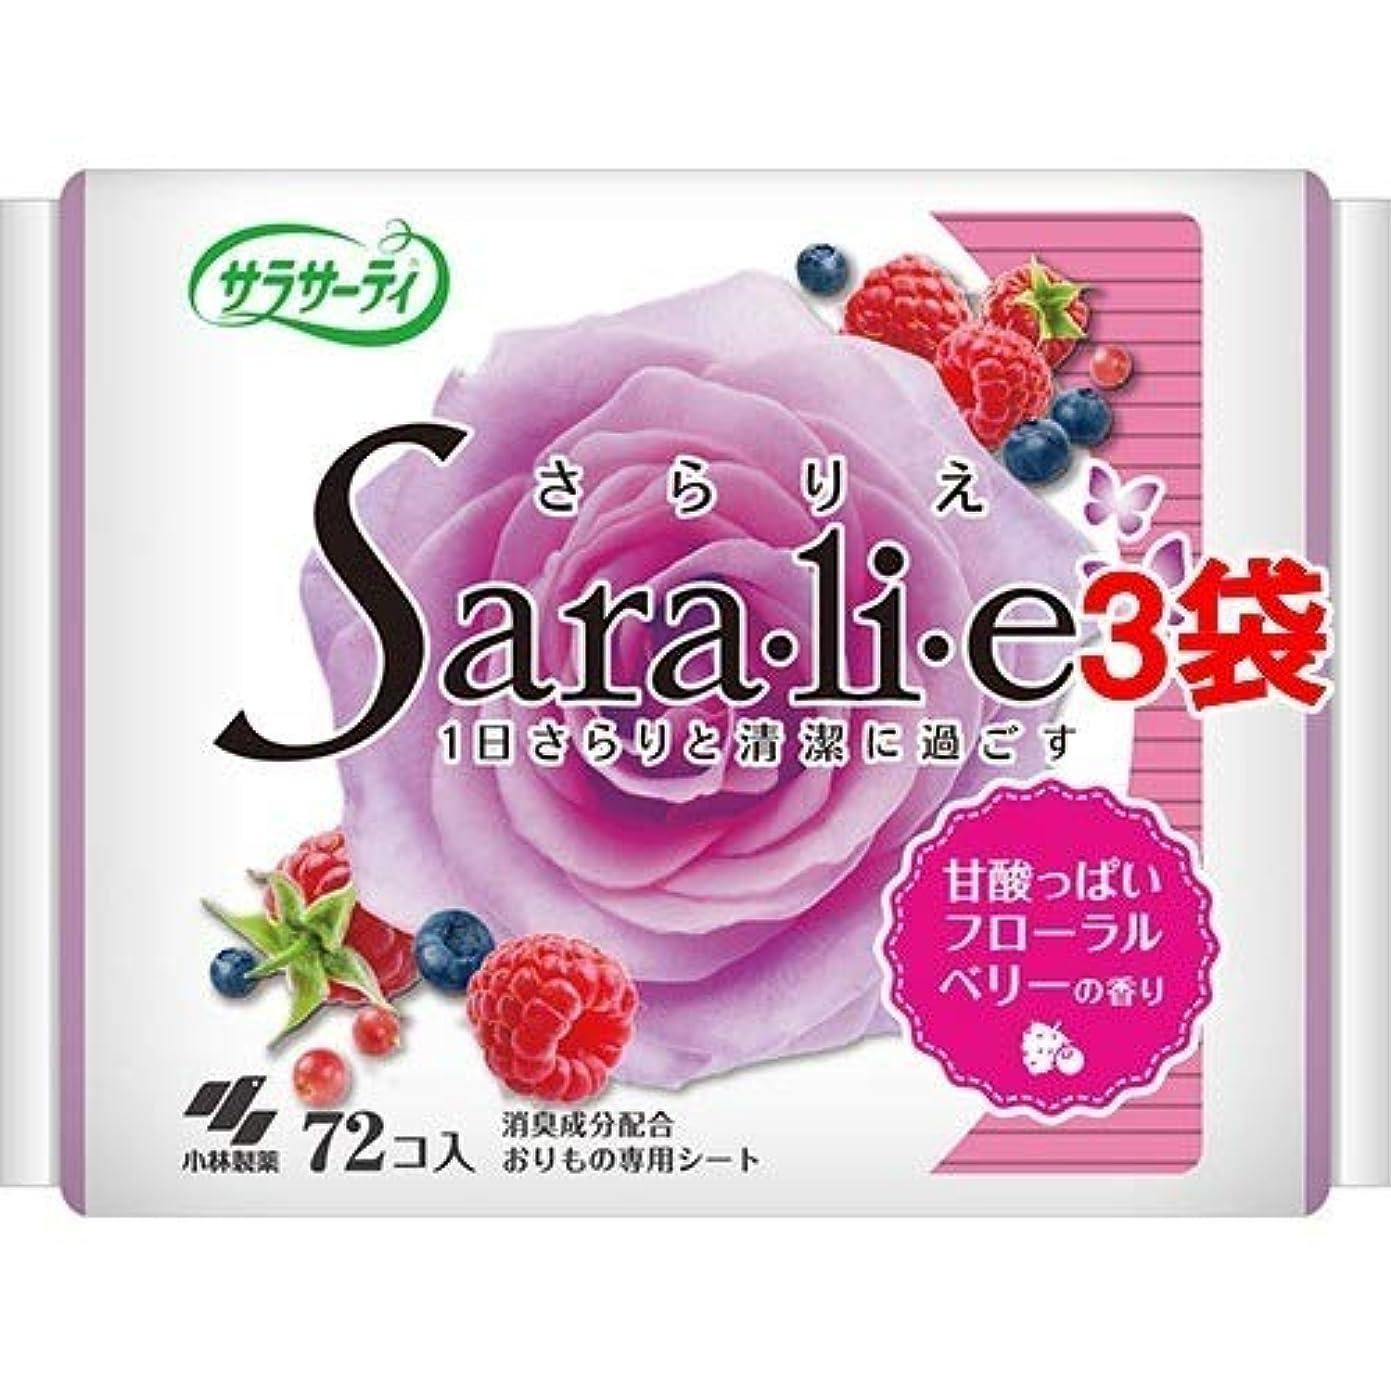 ベイビー海峡ひもマッサージサラサーティ サラリエ フローラルベリーの香り(72枚入*3袋セット) 日用品 生理用品 パンティーライナー [並行輸入品] k1-62984-ak